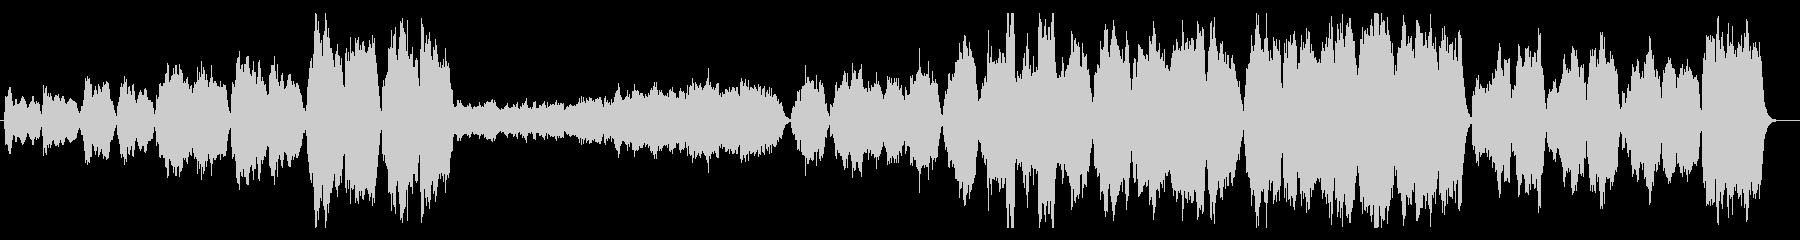 華やかで壮大なファンファーレ(打楽器なしの未再生の波形